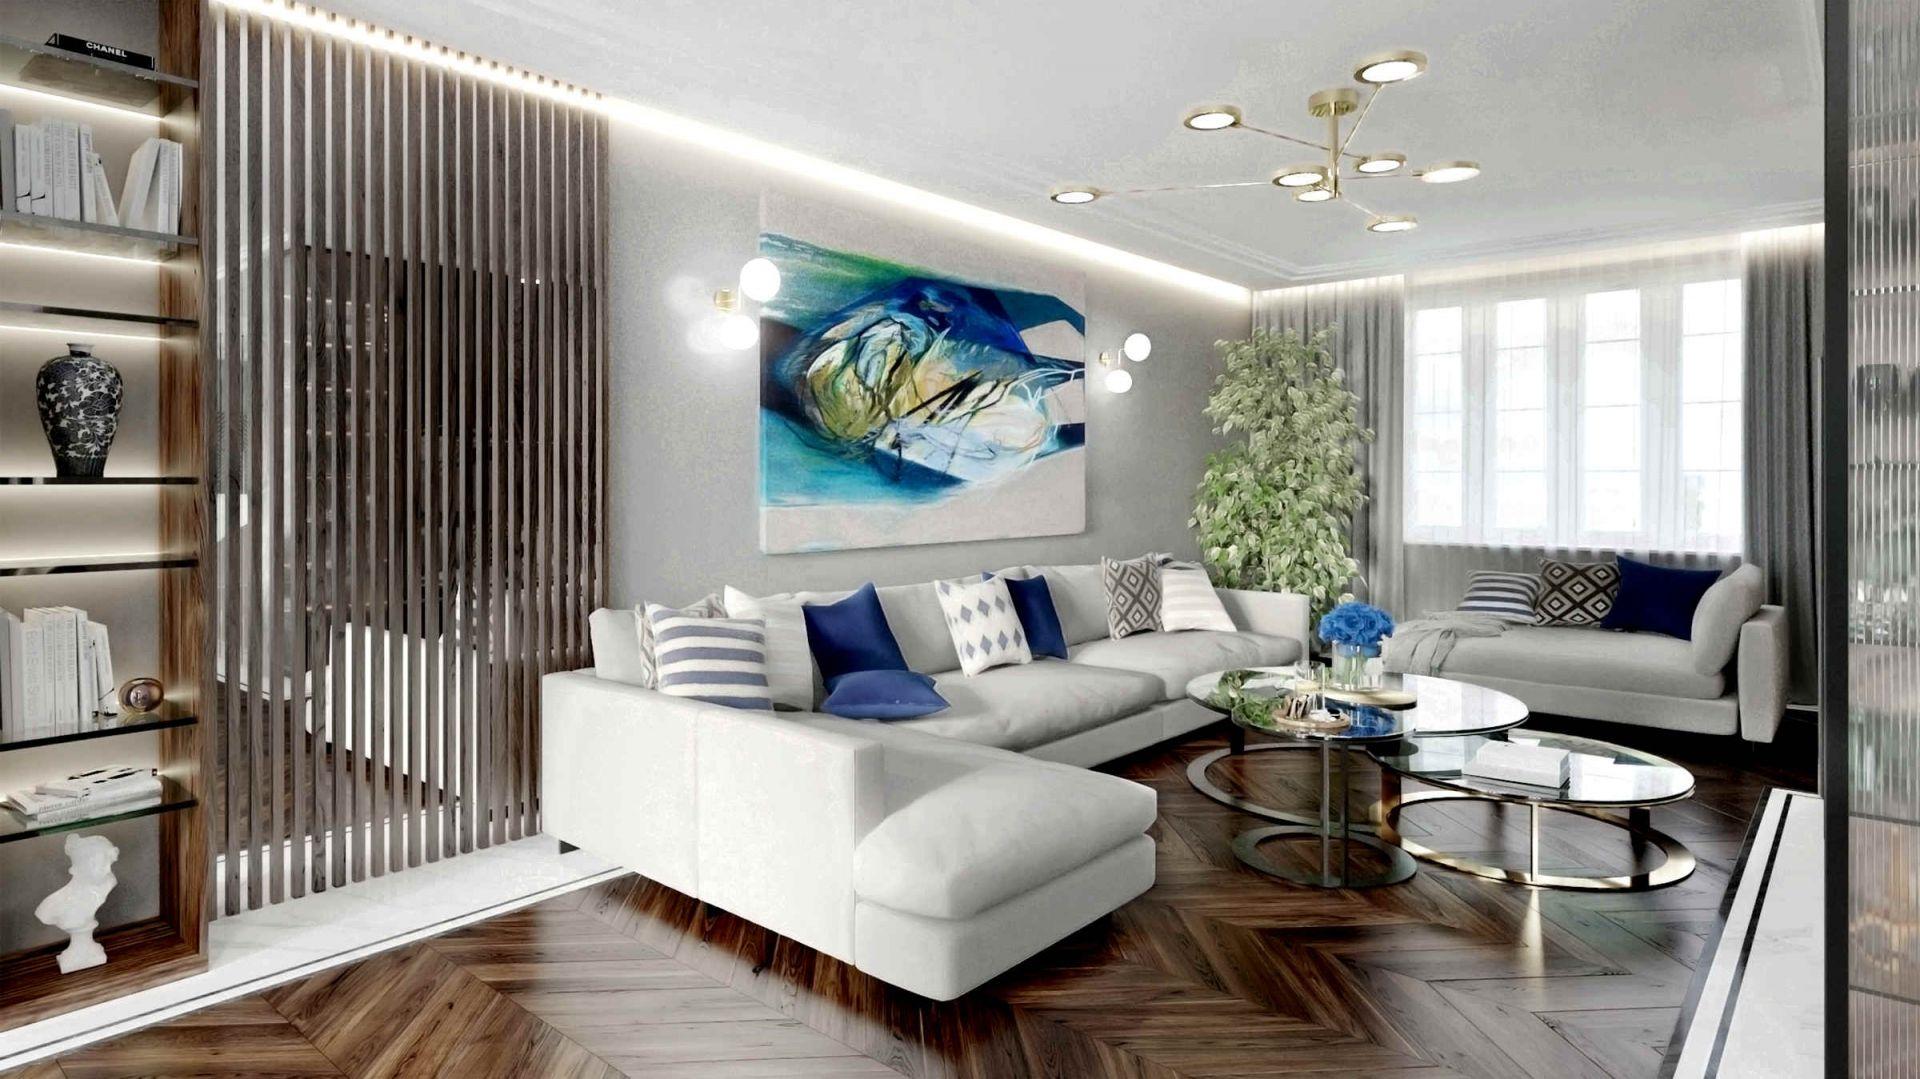 Elegancki salon ożywiają złoto i różne odcienie koloru niebieskiego. Projekt Tissu Architecture